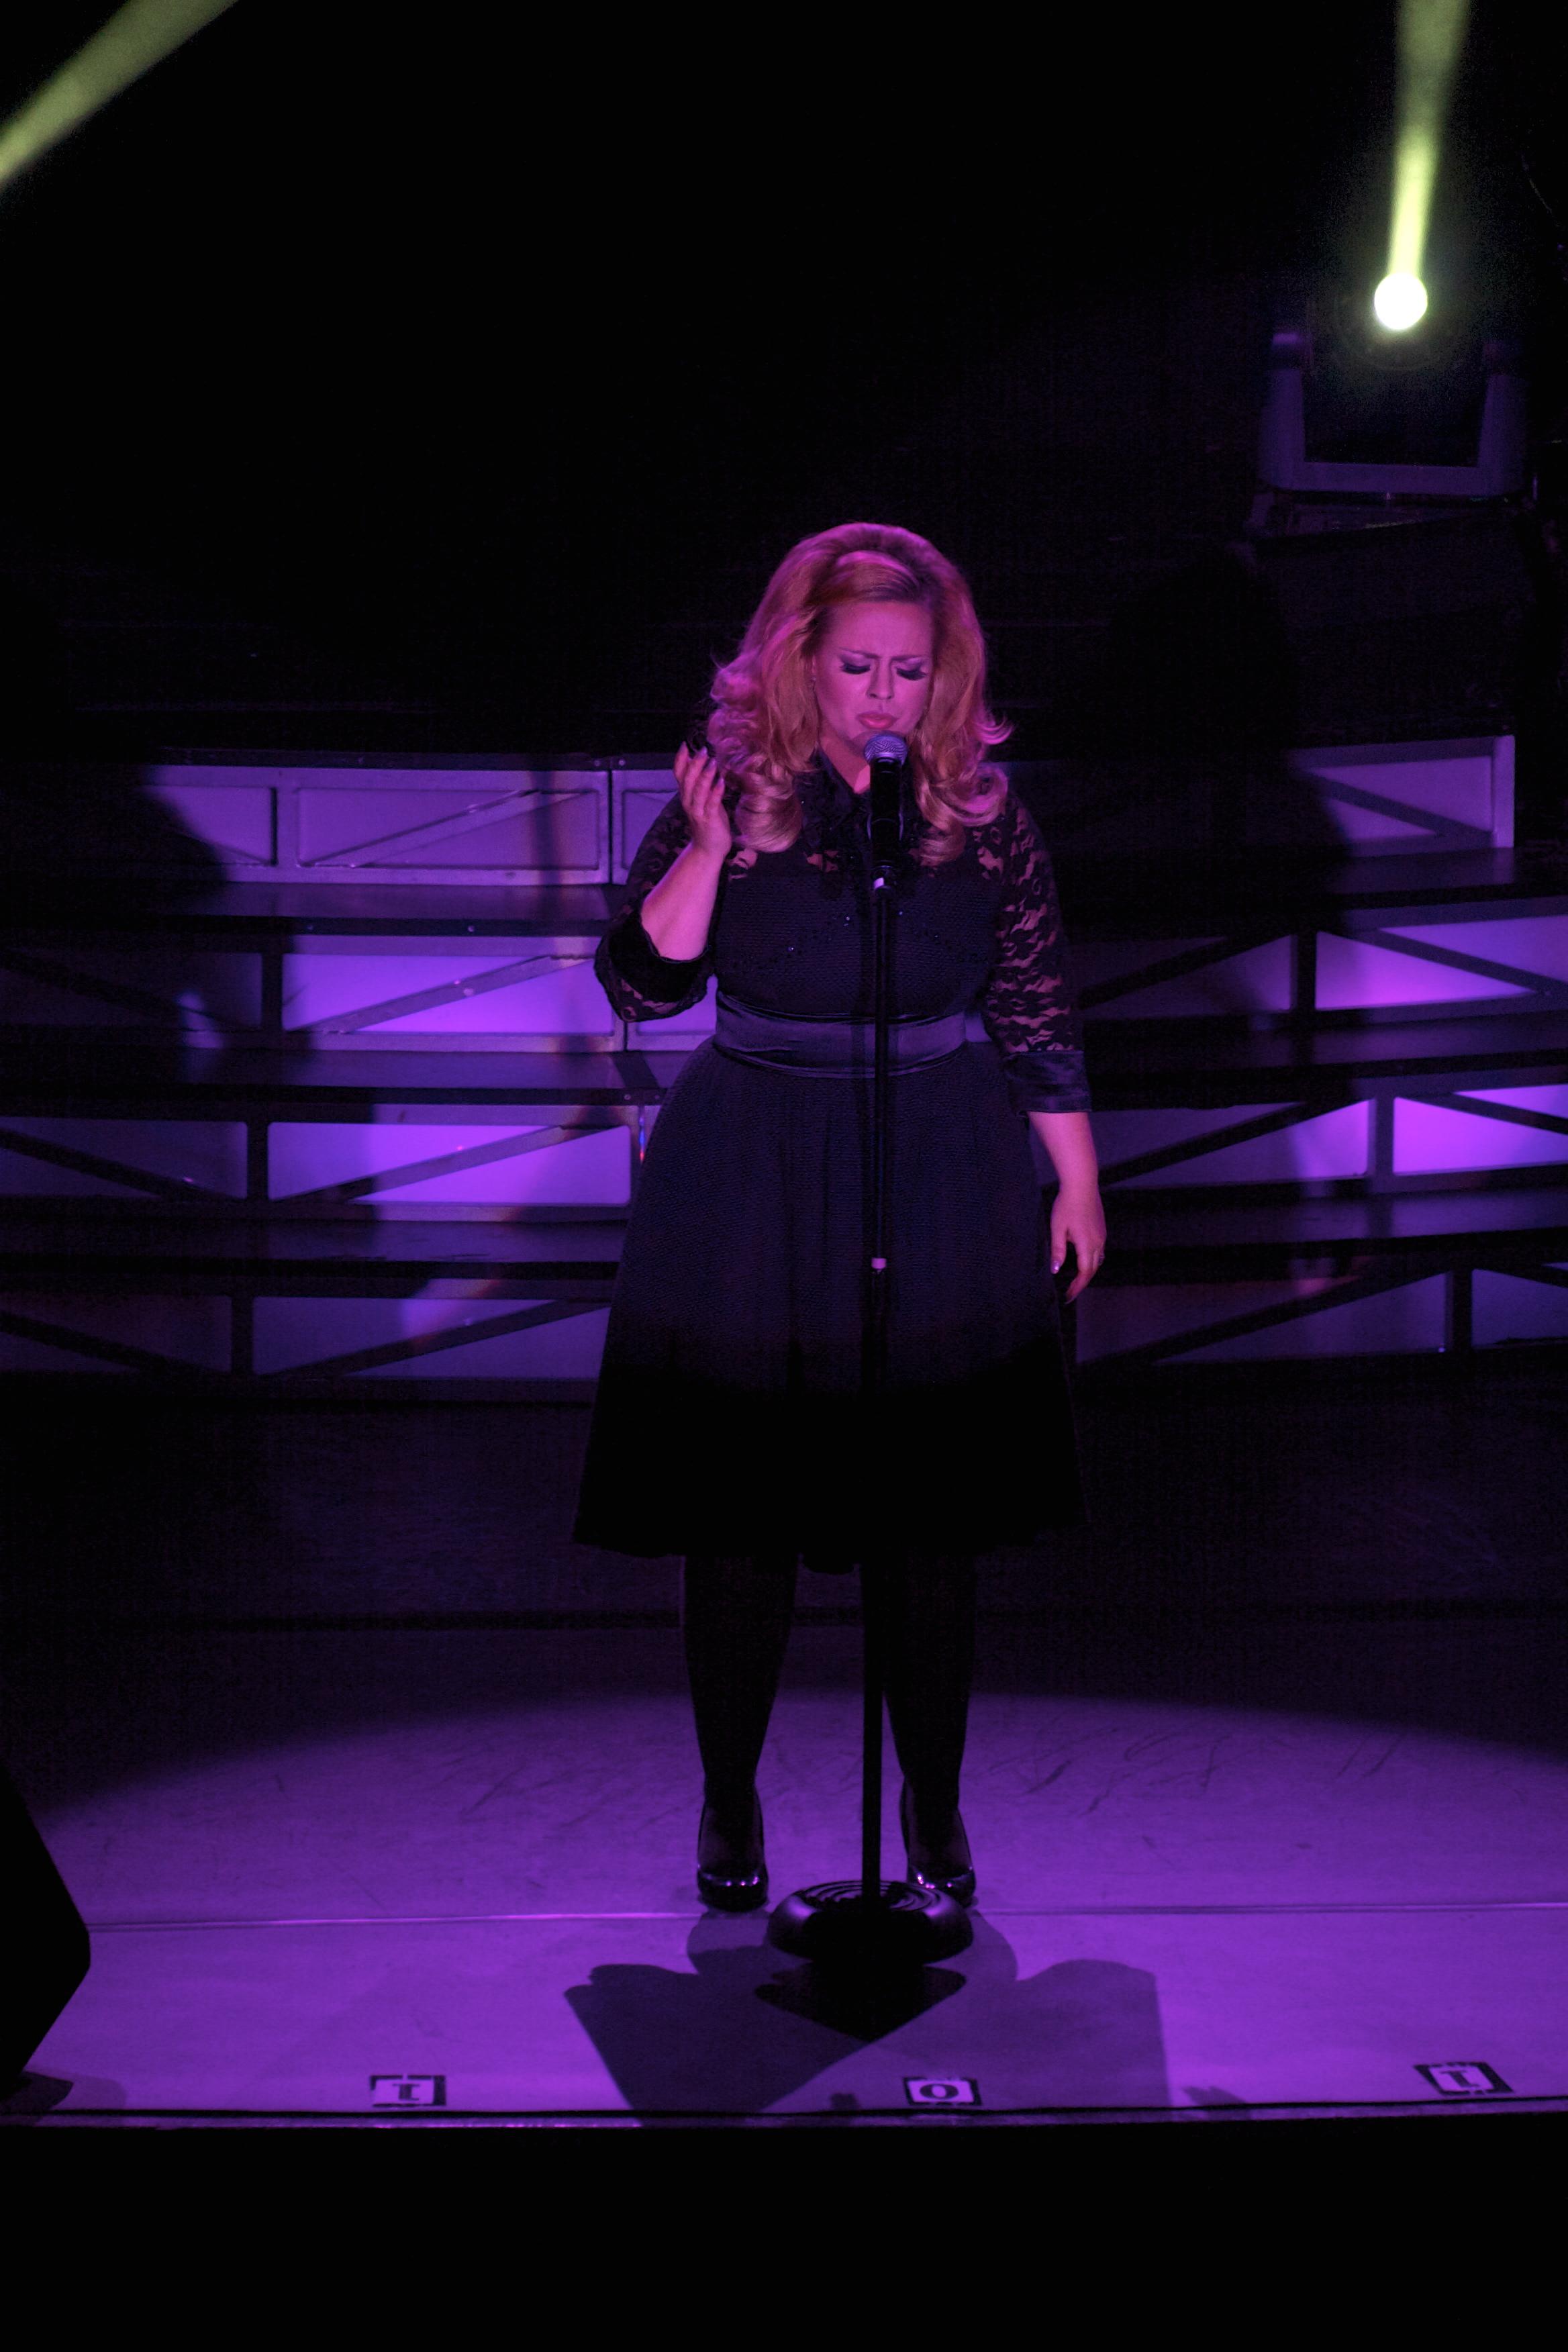 JC Brando as Adele live stage 11